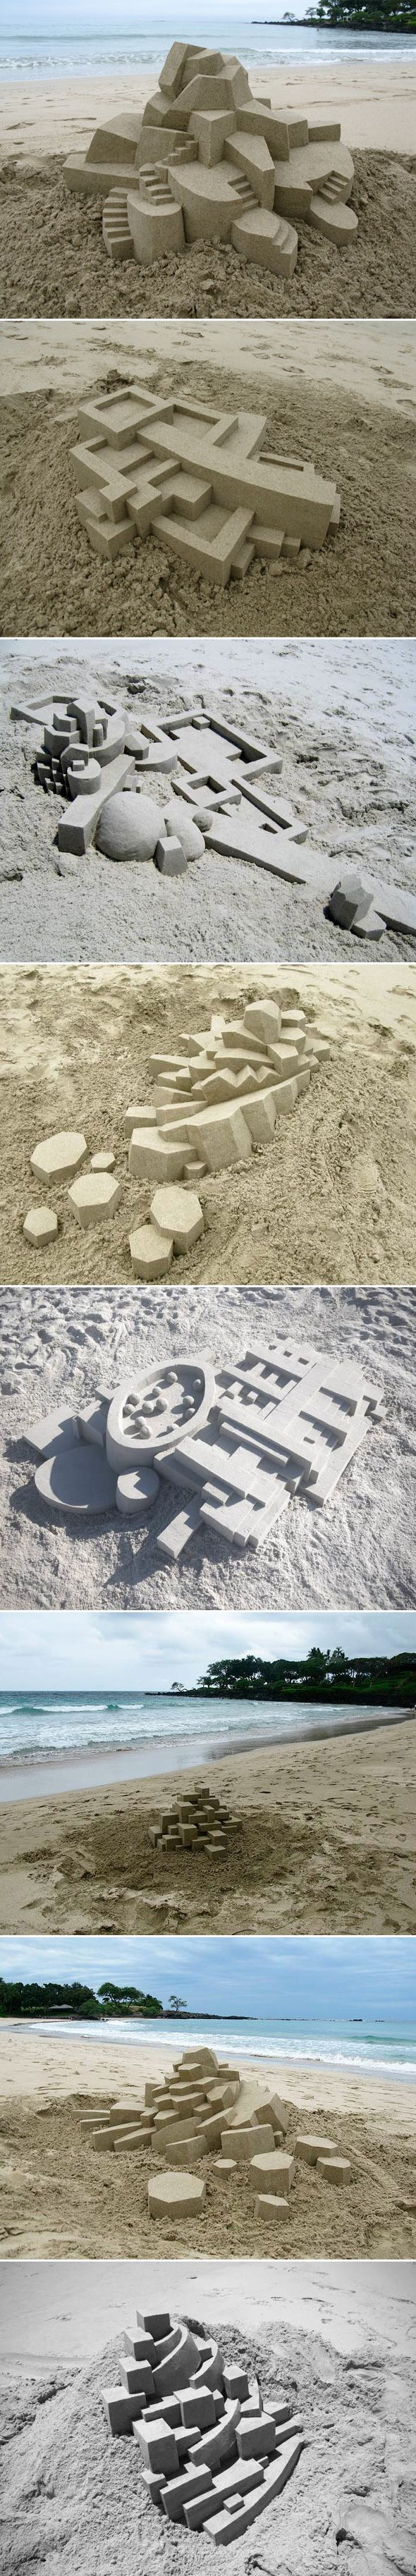 Châteaux de sable géométriques de Calvin Seibert // Avec l'hiver qui pointe son nez et les températures qui baissent, la plage n'a pas autant d'attrait que durant l'été, sauf pour l'artiste Calvin Seibert.  Ses créations éphémères sont à mi-chemin entre l'architecture et la sculpture, une vraie prouesse technique et de doigté quand on remarque la régularité des formes et le rendu final. // http://www.journal-du-design.fr/index.php/art/chateaux-de-sable-geometriques-de-calvin-seibert-27935/